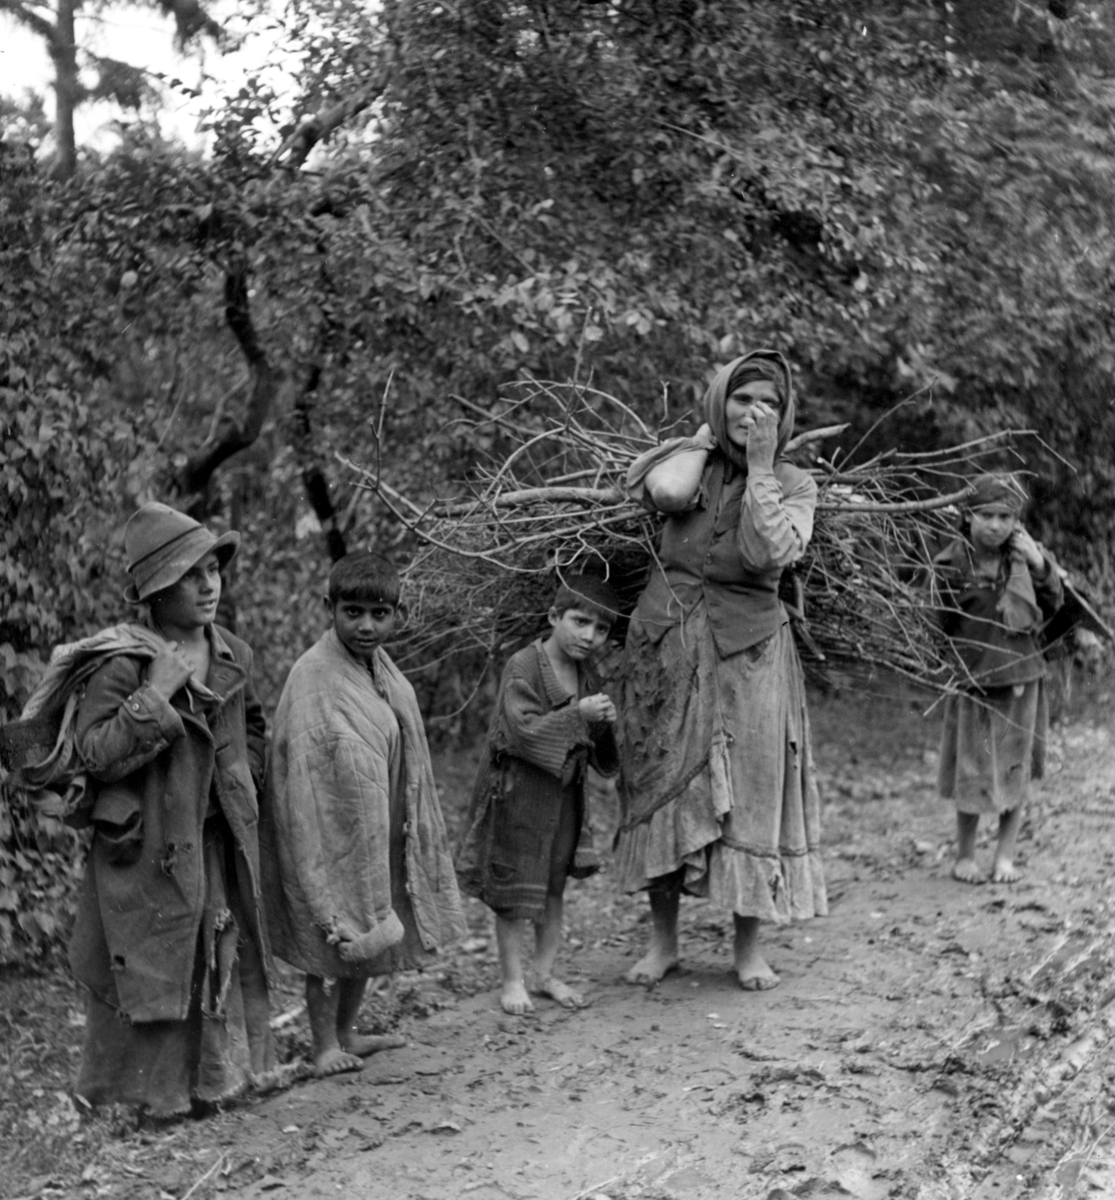 En romsk kvinna står vid vägkanten tillsammans med några barn. På ryggen bär hon ved hon samlat. Toleransen för romer har historiskt varierat mycket mellan olika samhällen, men romers närvaro har sällan setts som något positivt. Ofta fick man slå sig ned i läger samhällets utkant, man har förvägrats fast bostad och fördrivits. Boendestandarden bland svenska romer var under 1900-talets första hälft mycket varierande. Familjer som hade det bättre ställt kunde äga flera tält, medan fattigare familjer enbart hade ett tält. Man sov då där marken var minst lerig.